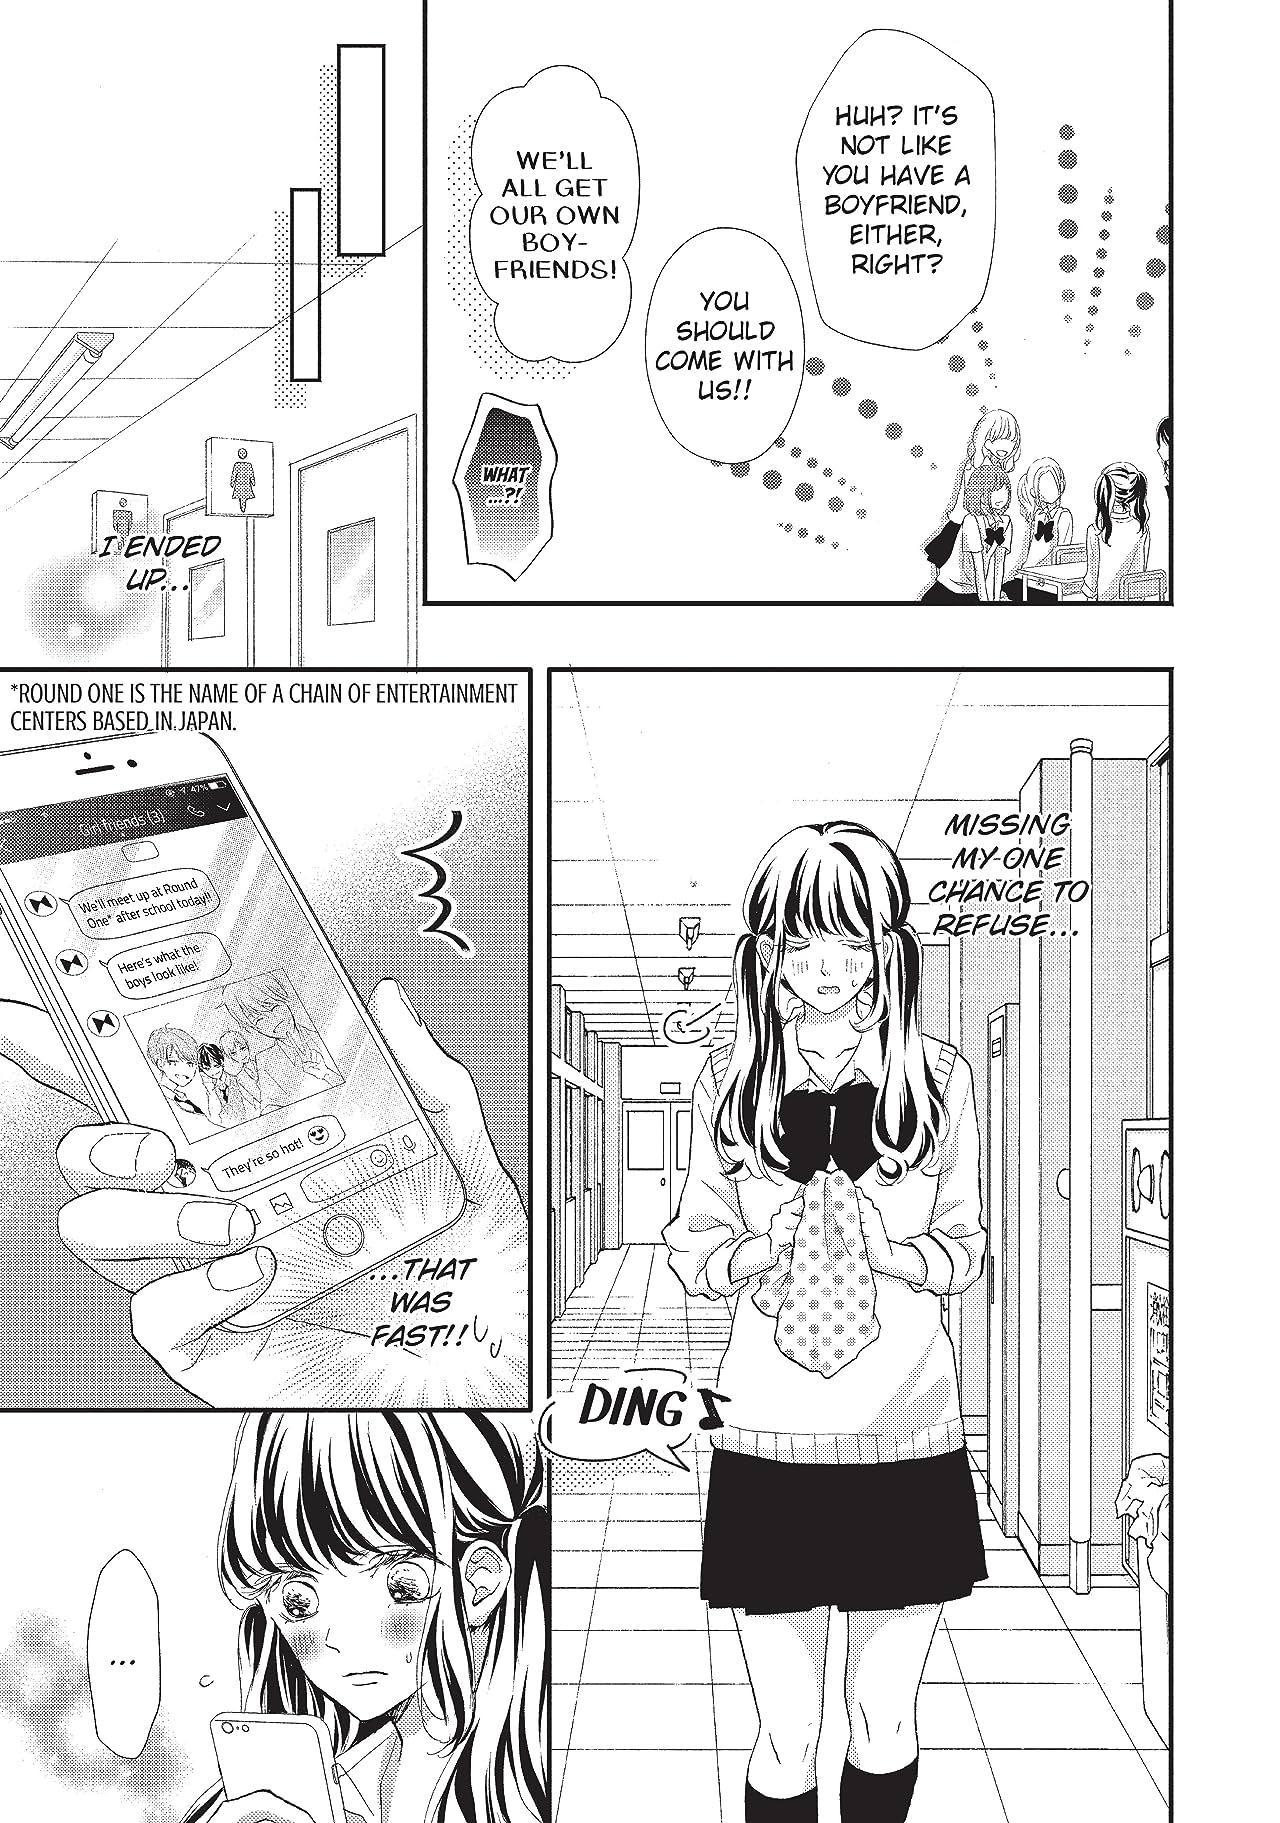 Asahi-sempai's Favorite Vol. 3